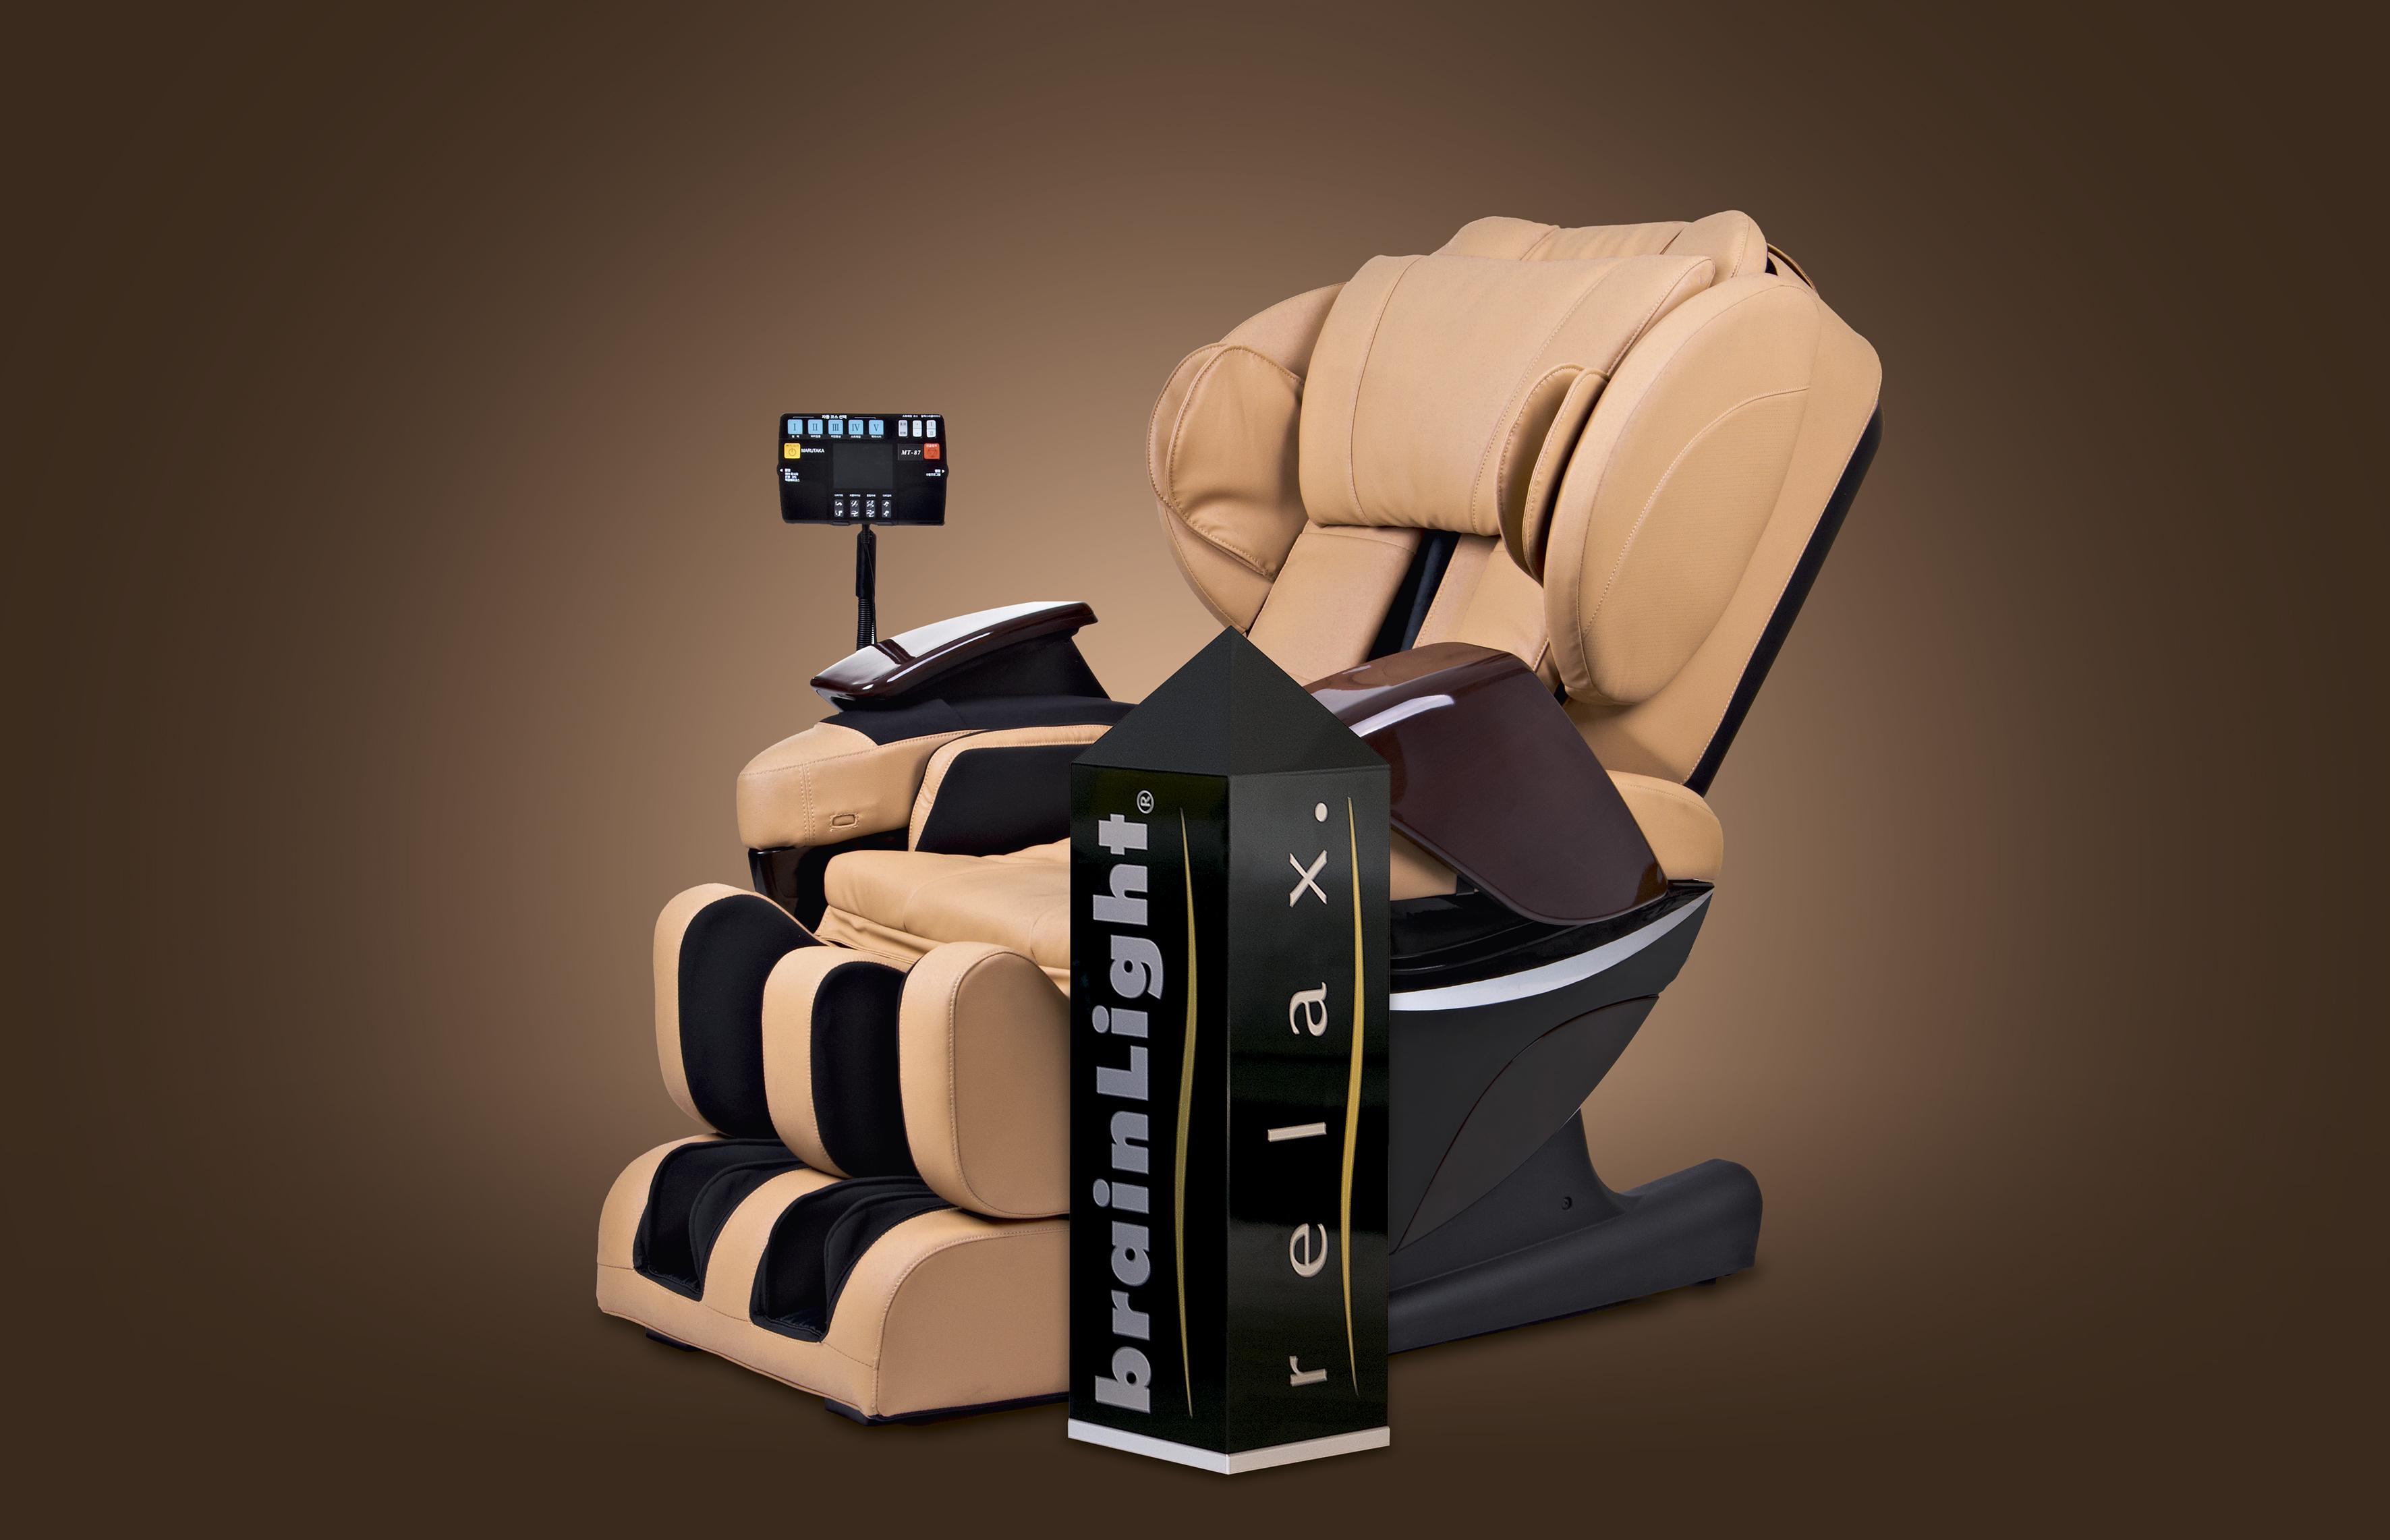 Entspannungssystem von brainLight GmbH